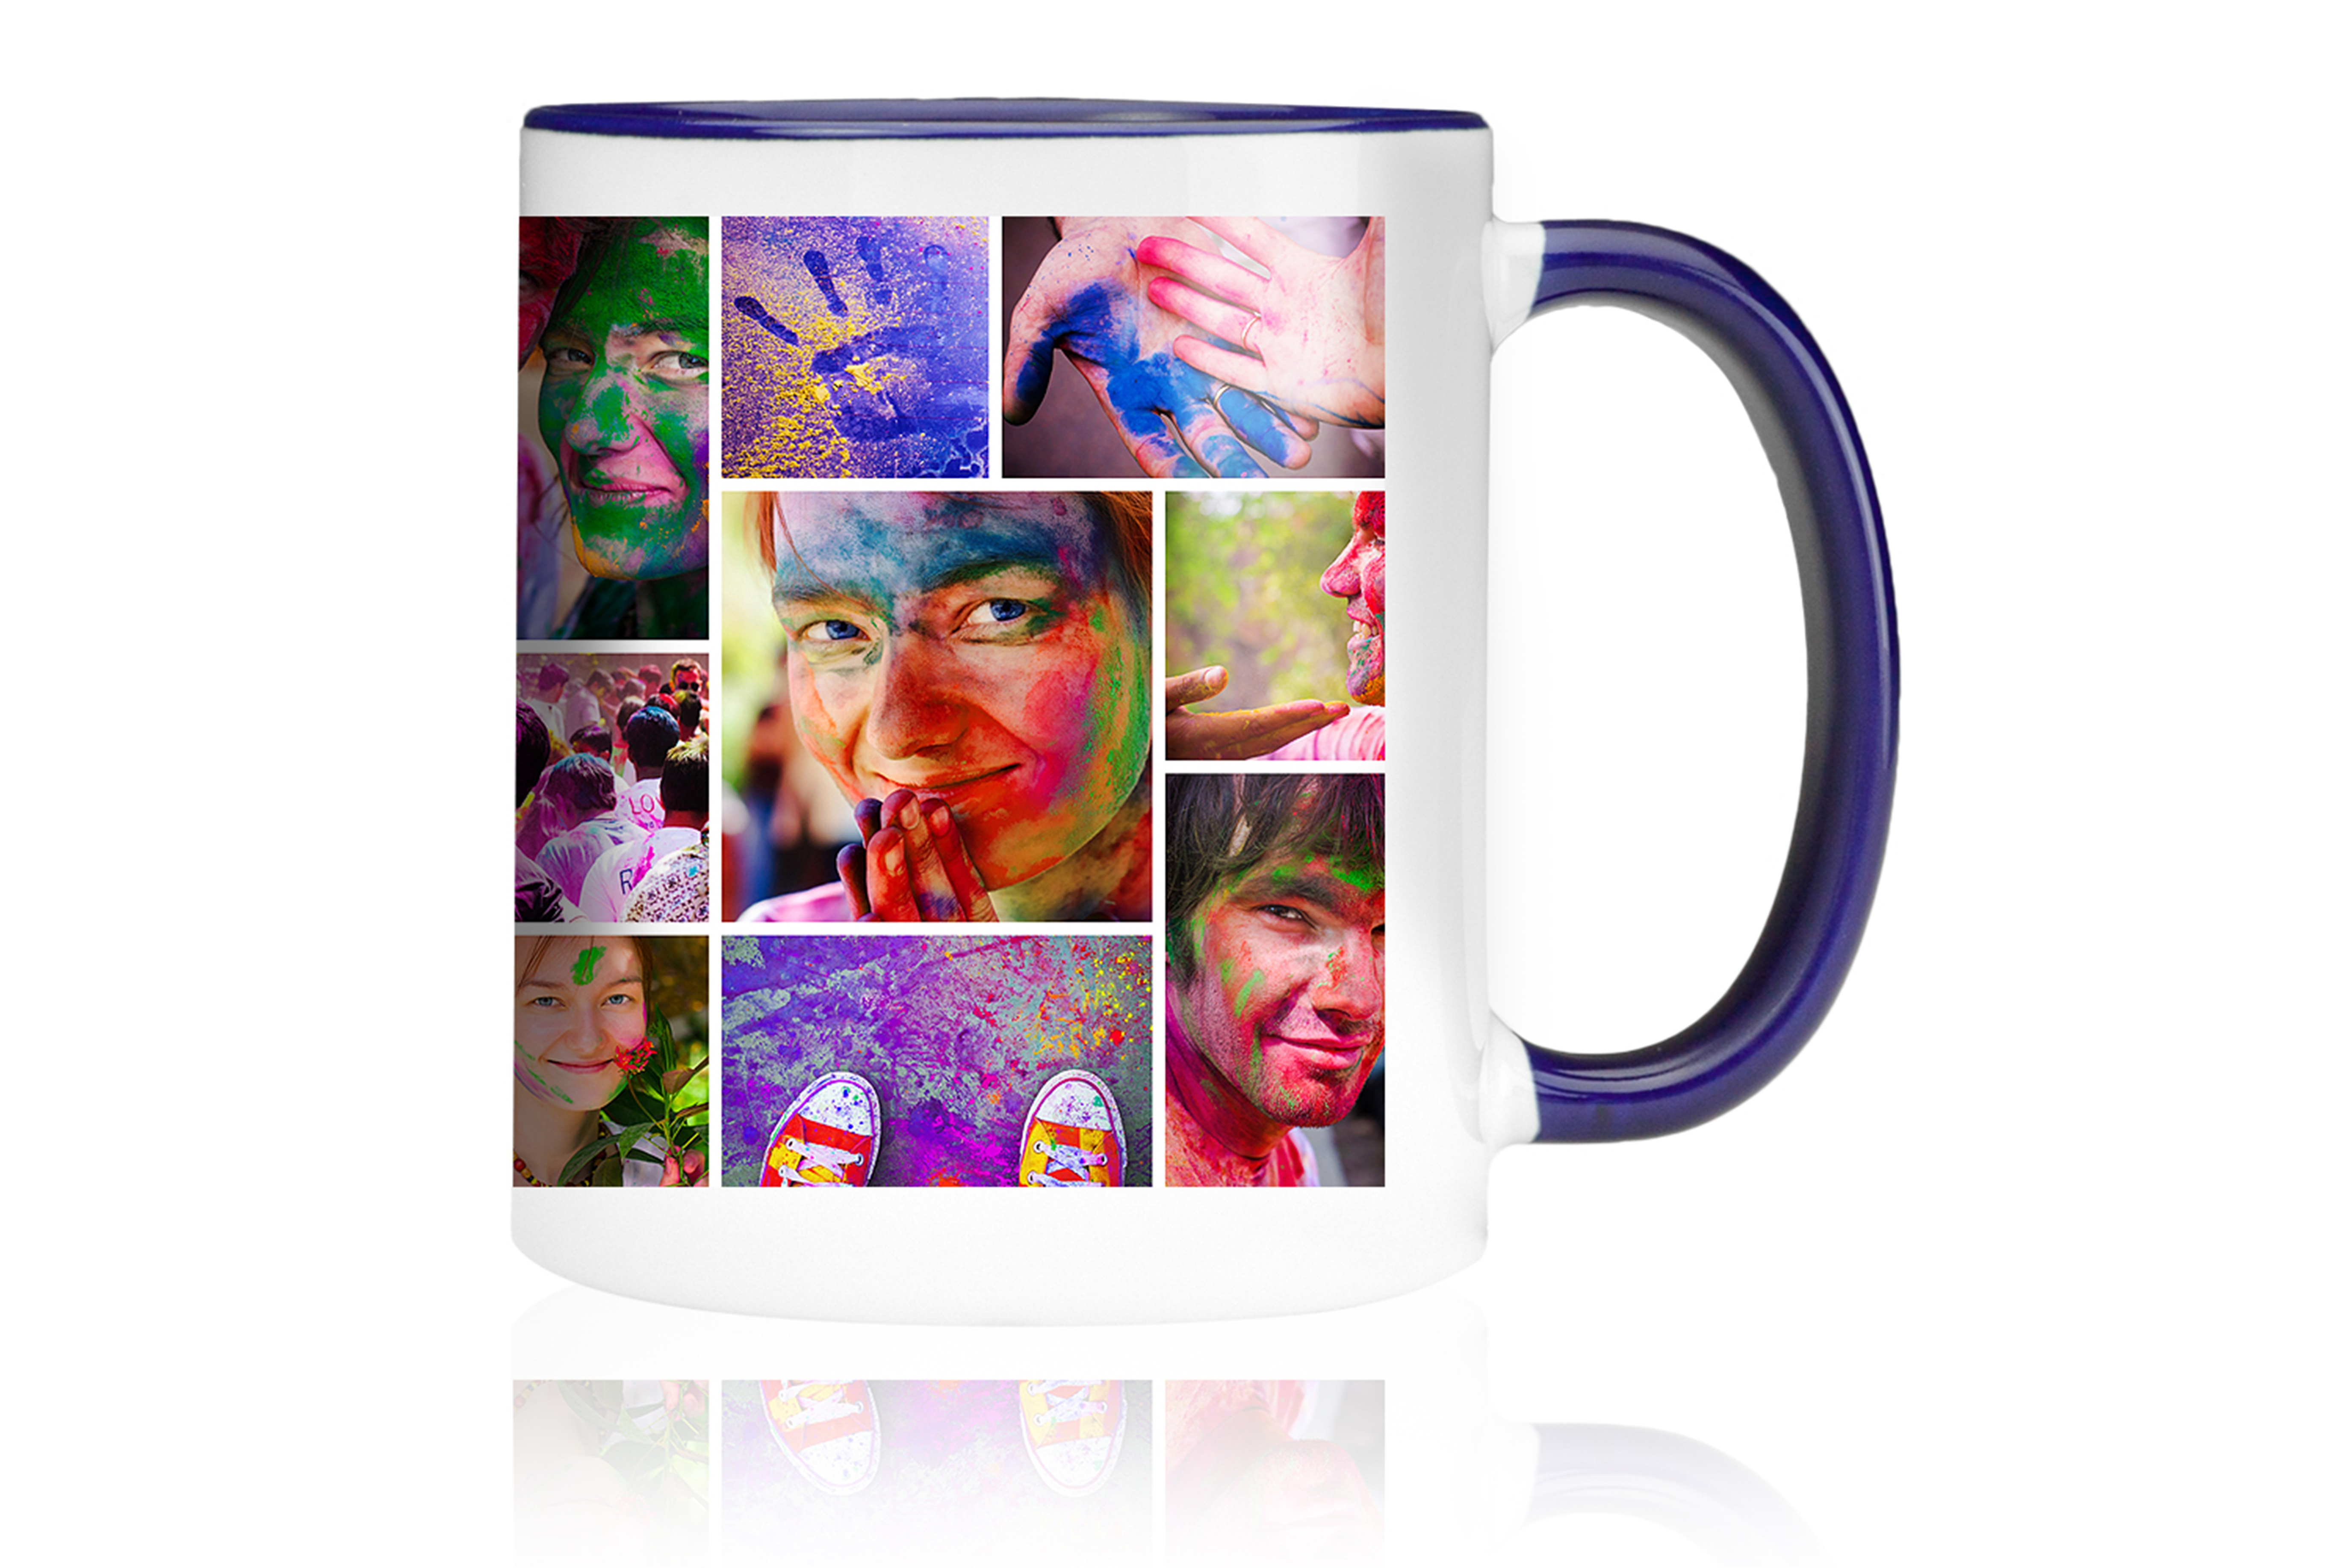 photo mug idea